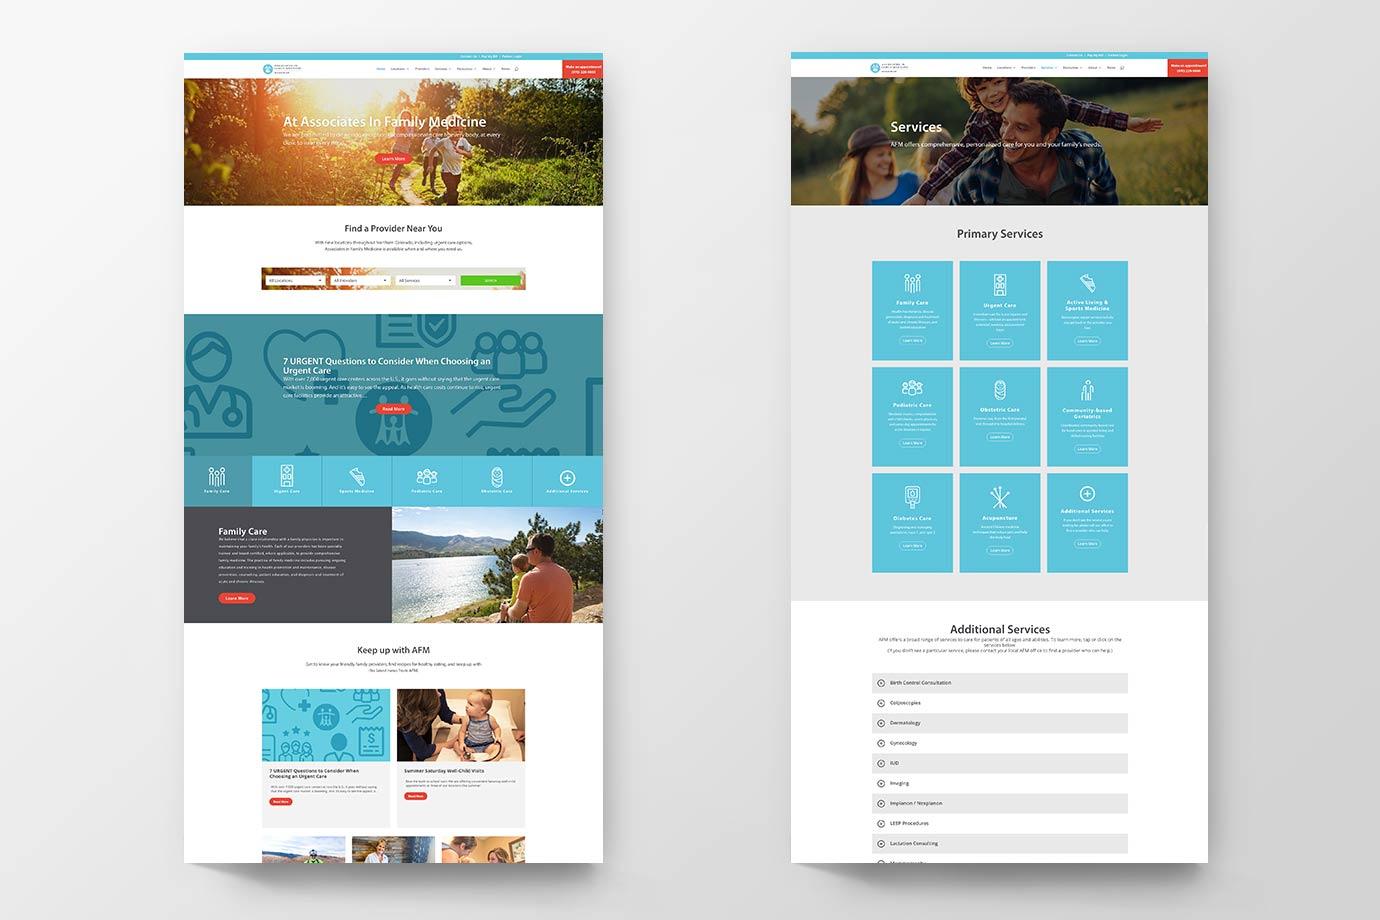 AFM_Website_Pages_Mockup.jpg